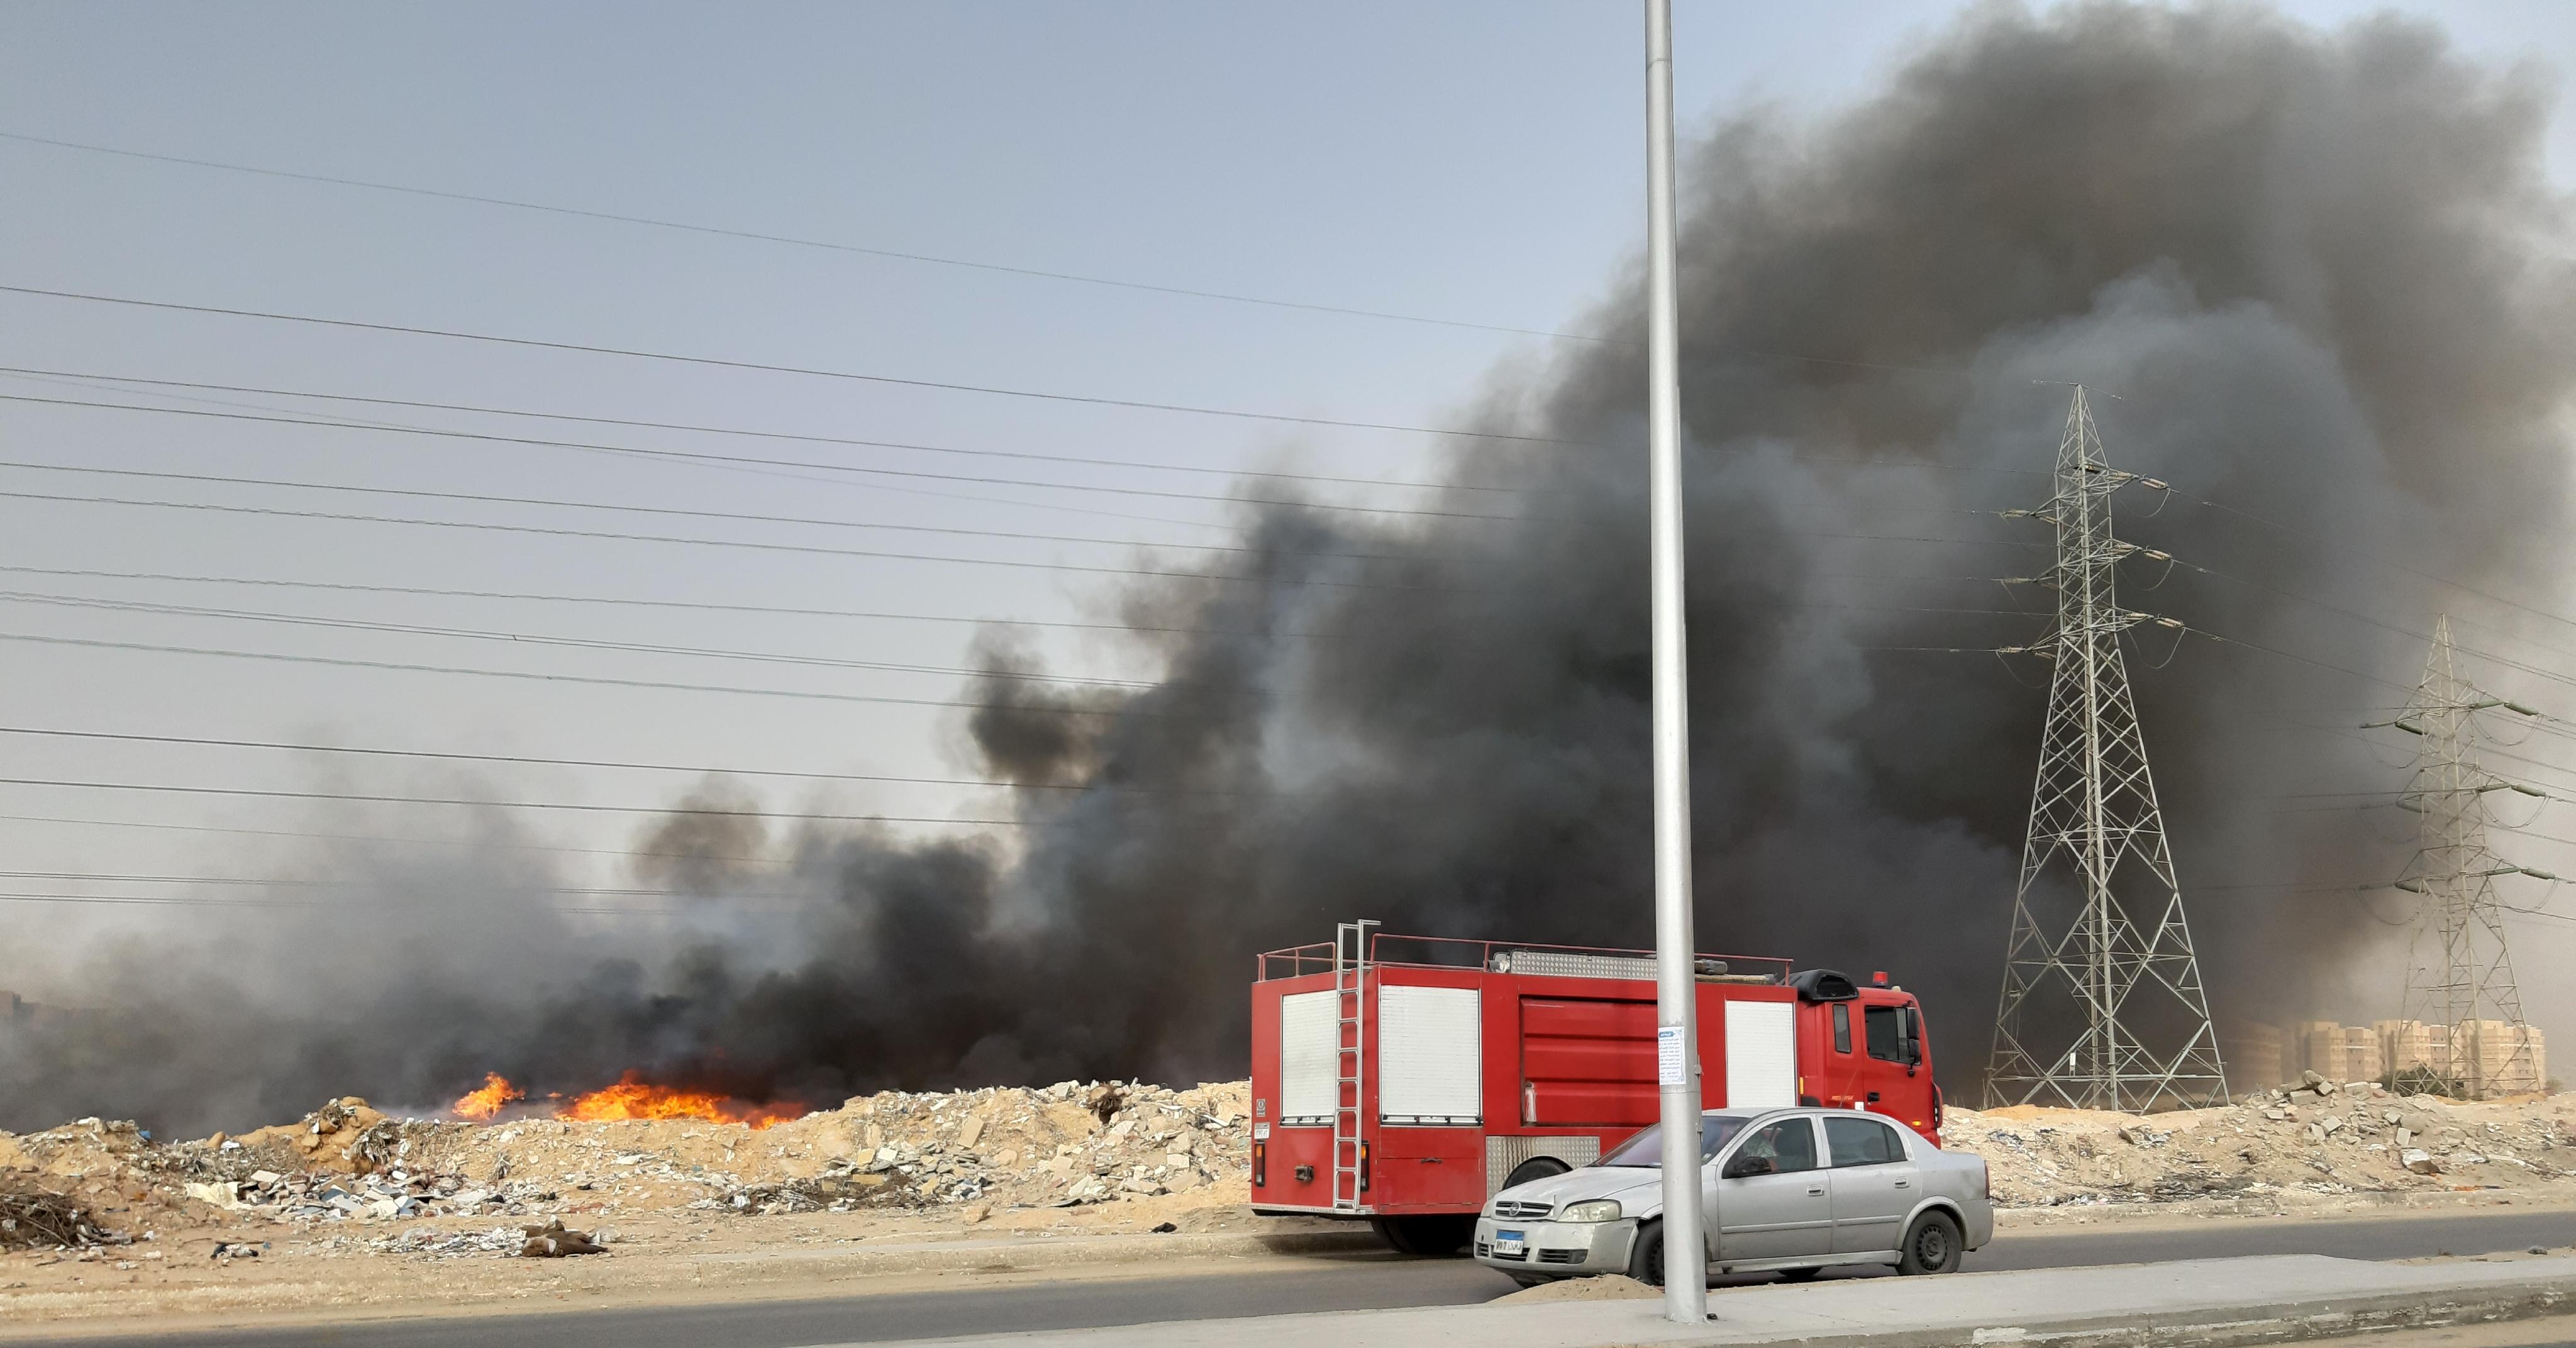 بالصور حريق هائل أسفل أبراج الضغط العالي بالمنطقة الصناعية بمدينة ٦أكتوبر